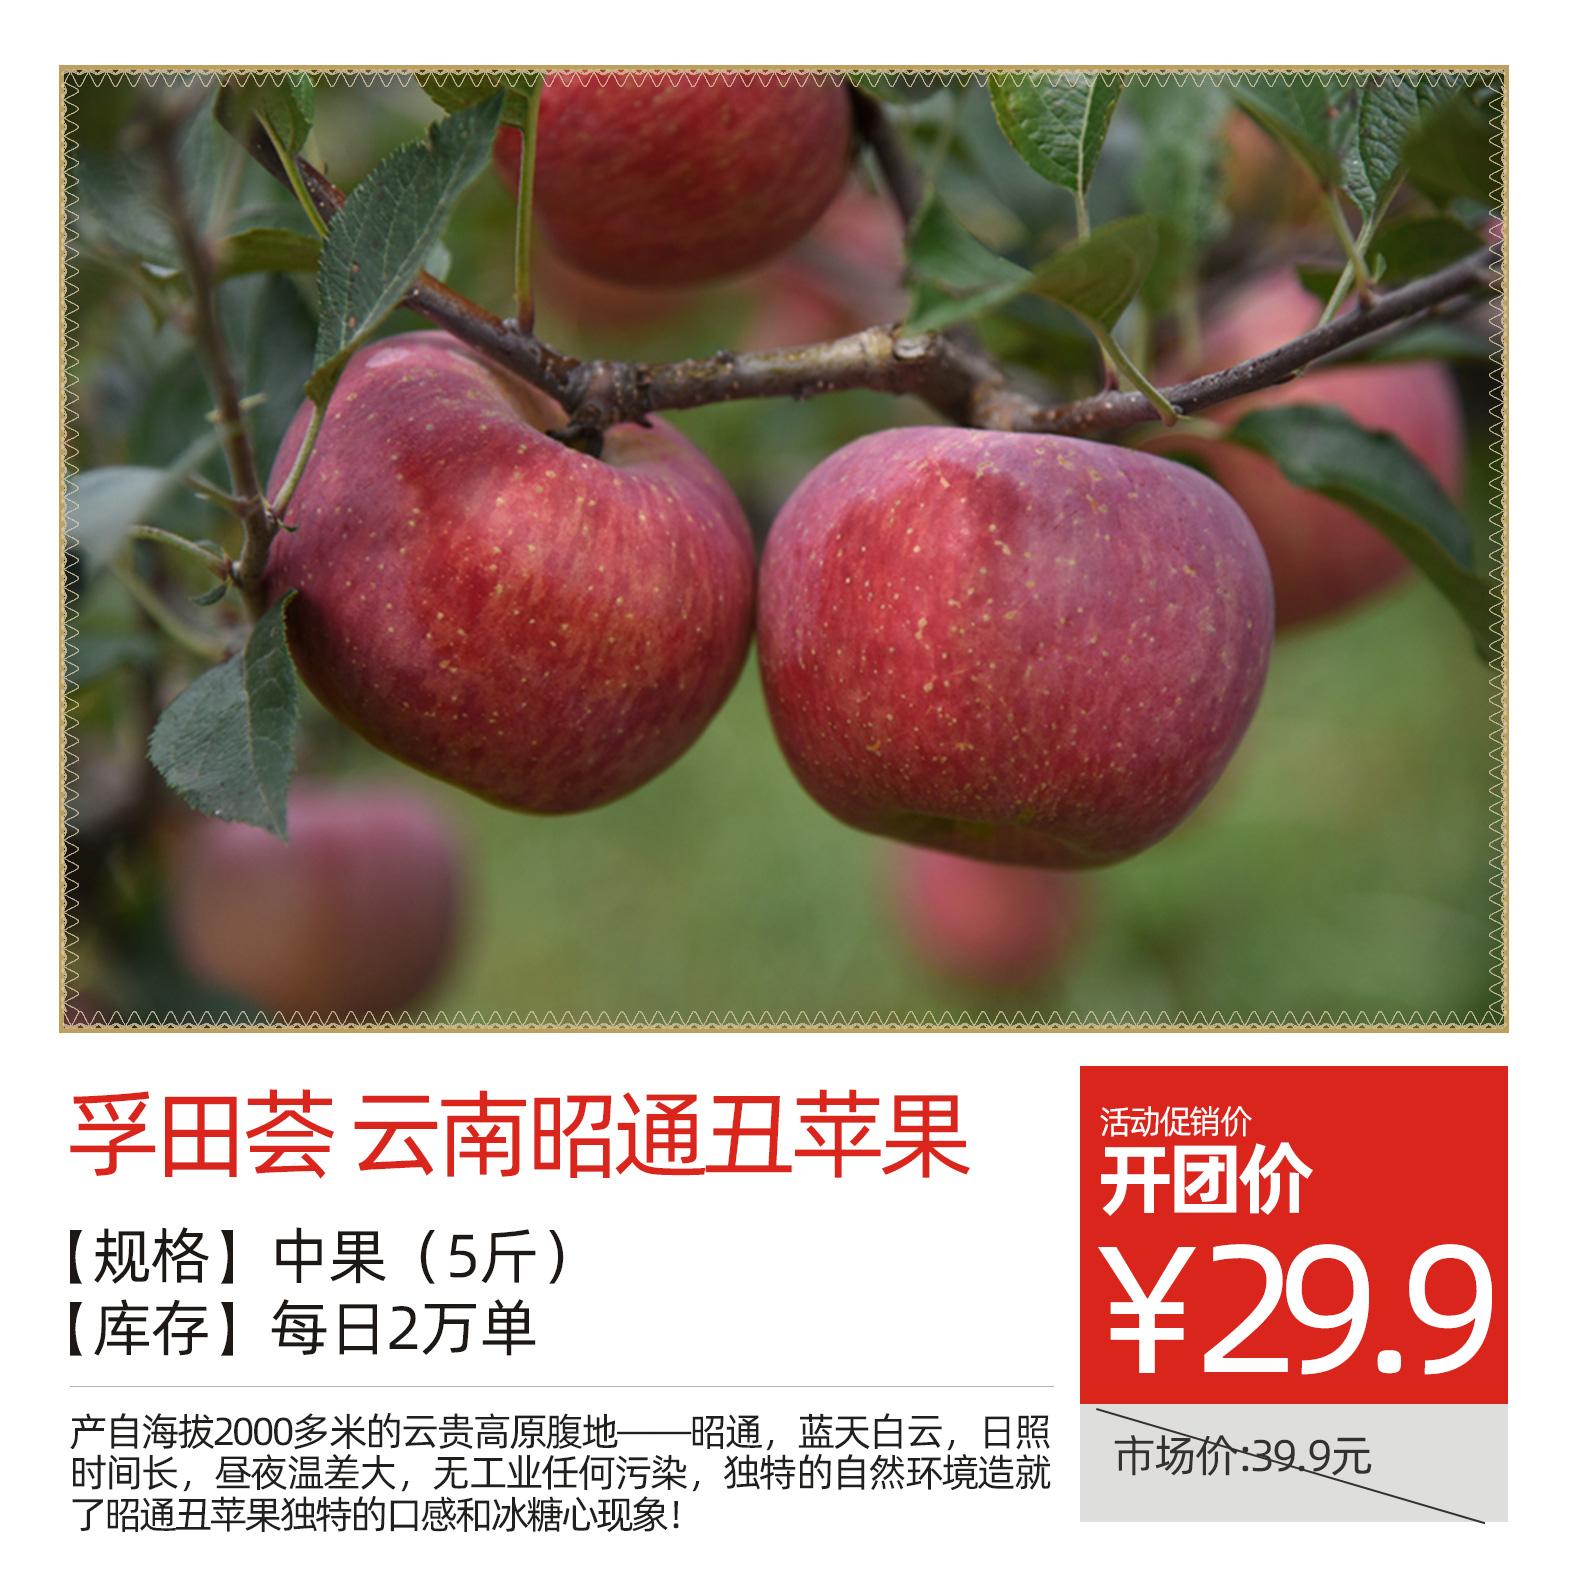 【孚田荟】云南昭通丑苹果